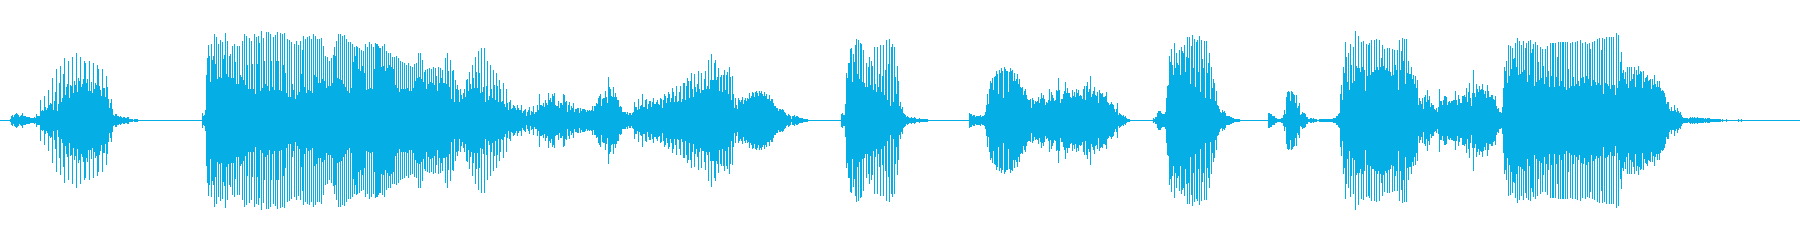 答えを選択してくださいの再生済みの波形